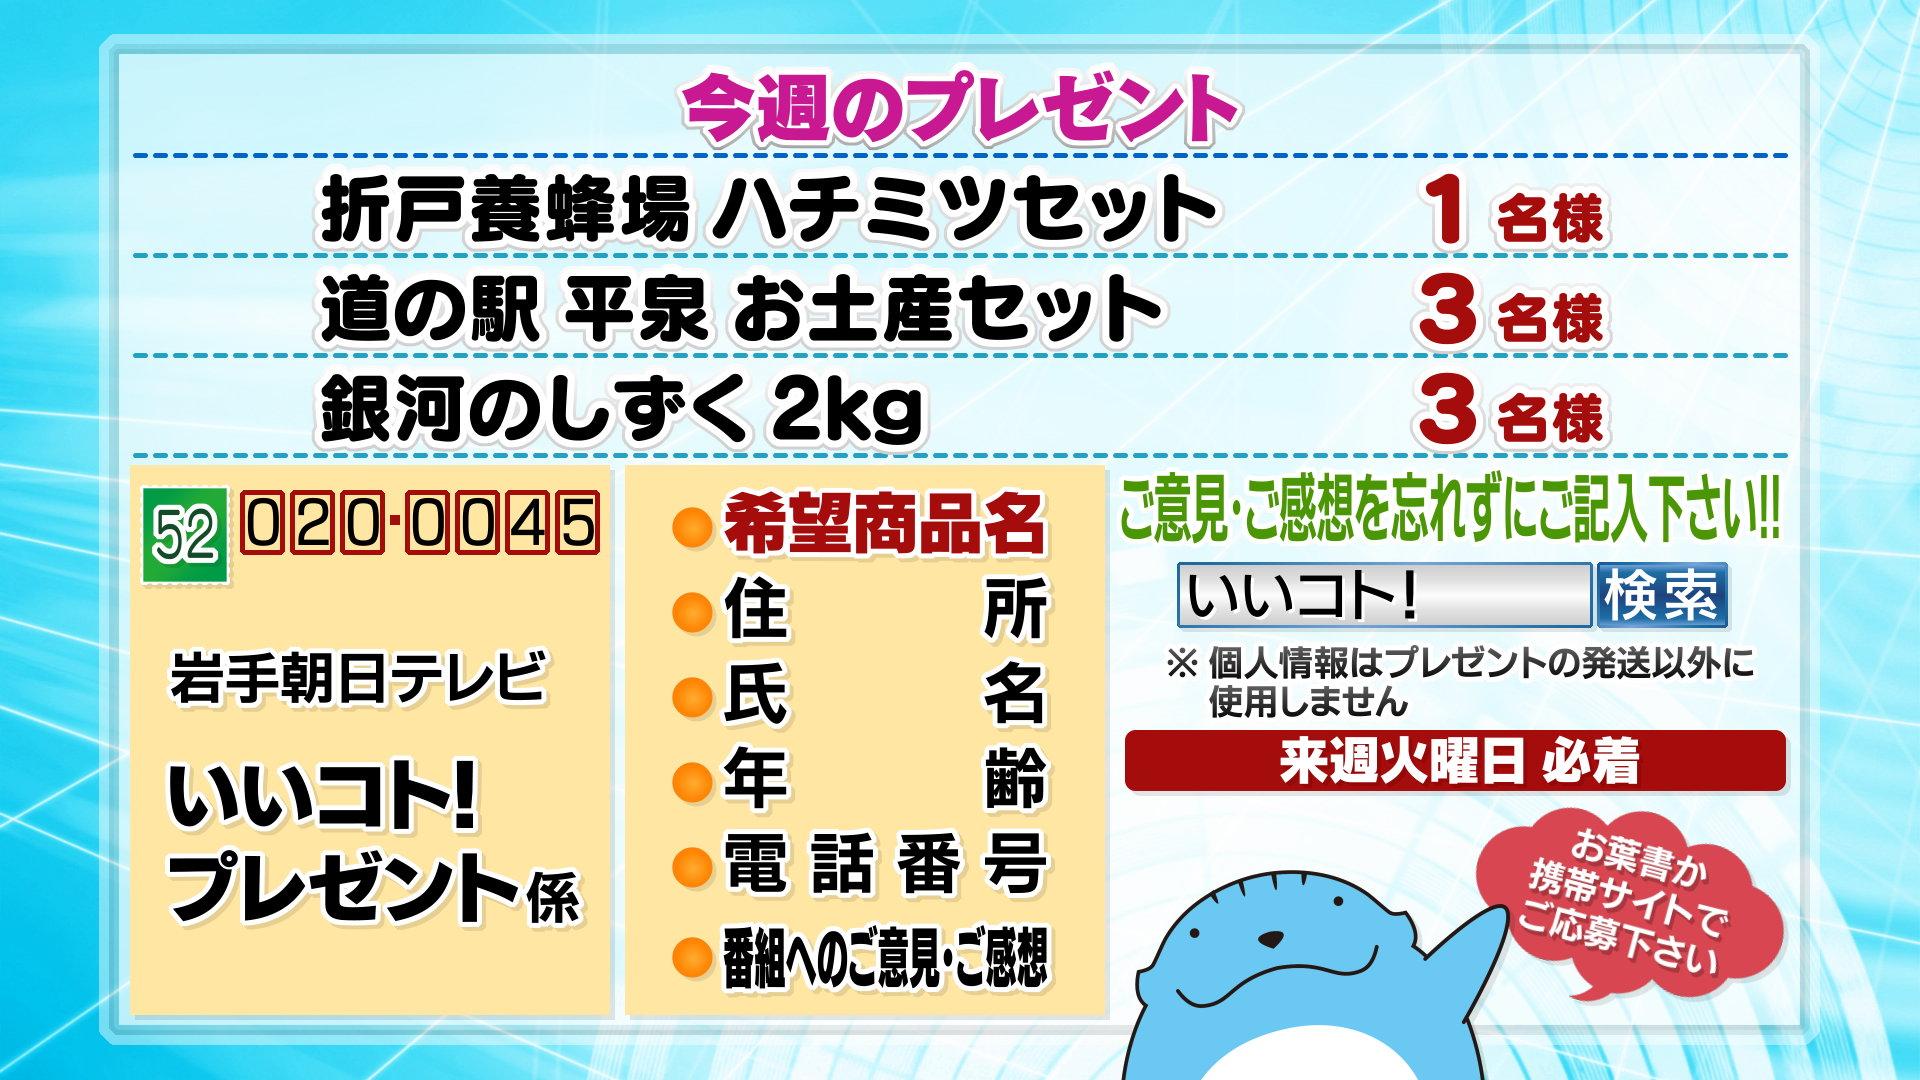 5/27(土)放送分のプレゼント